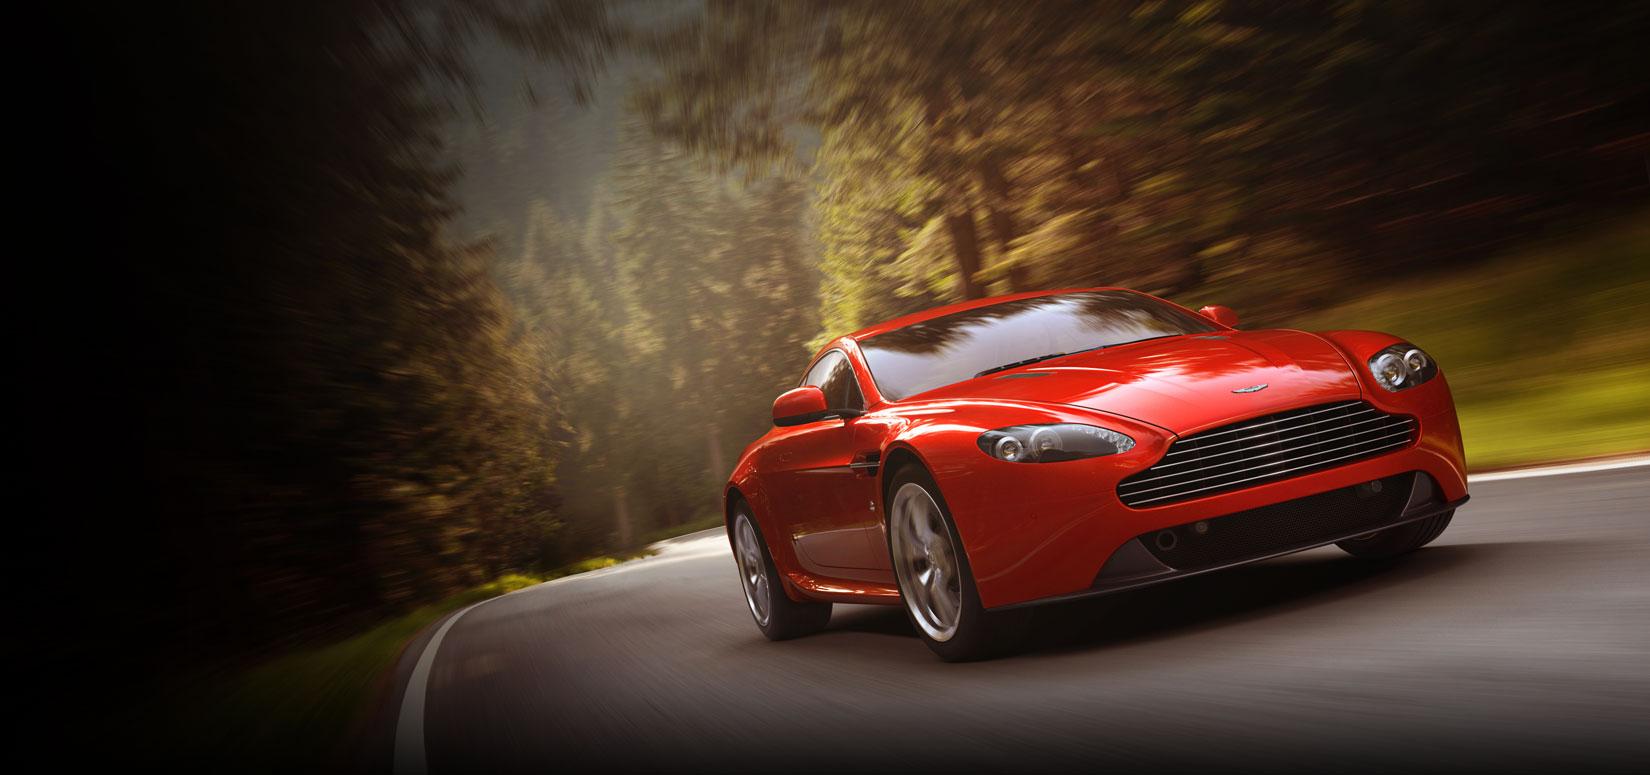 2012 Aston Martin V8 Vantage News And Information